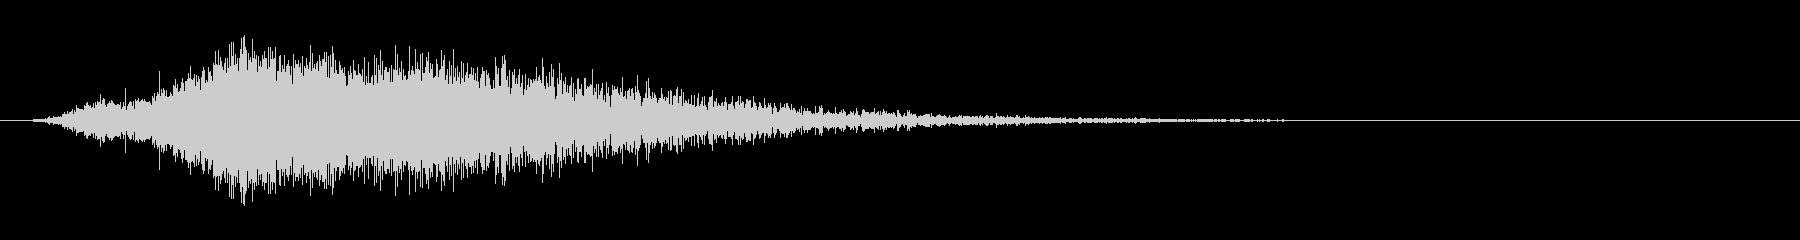 神秘的なトーンデジタルビープロゴの未再生の波形